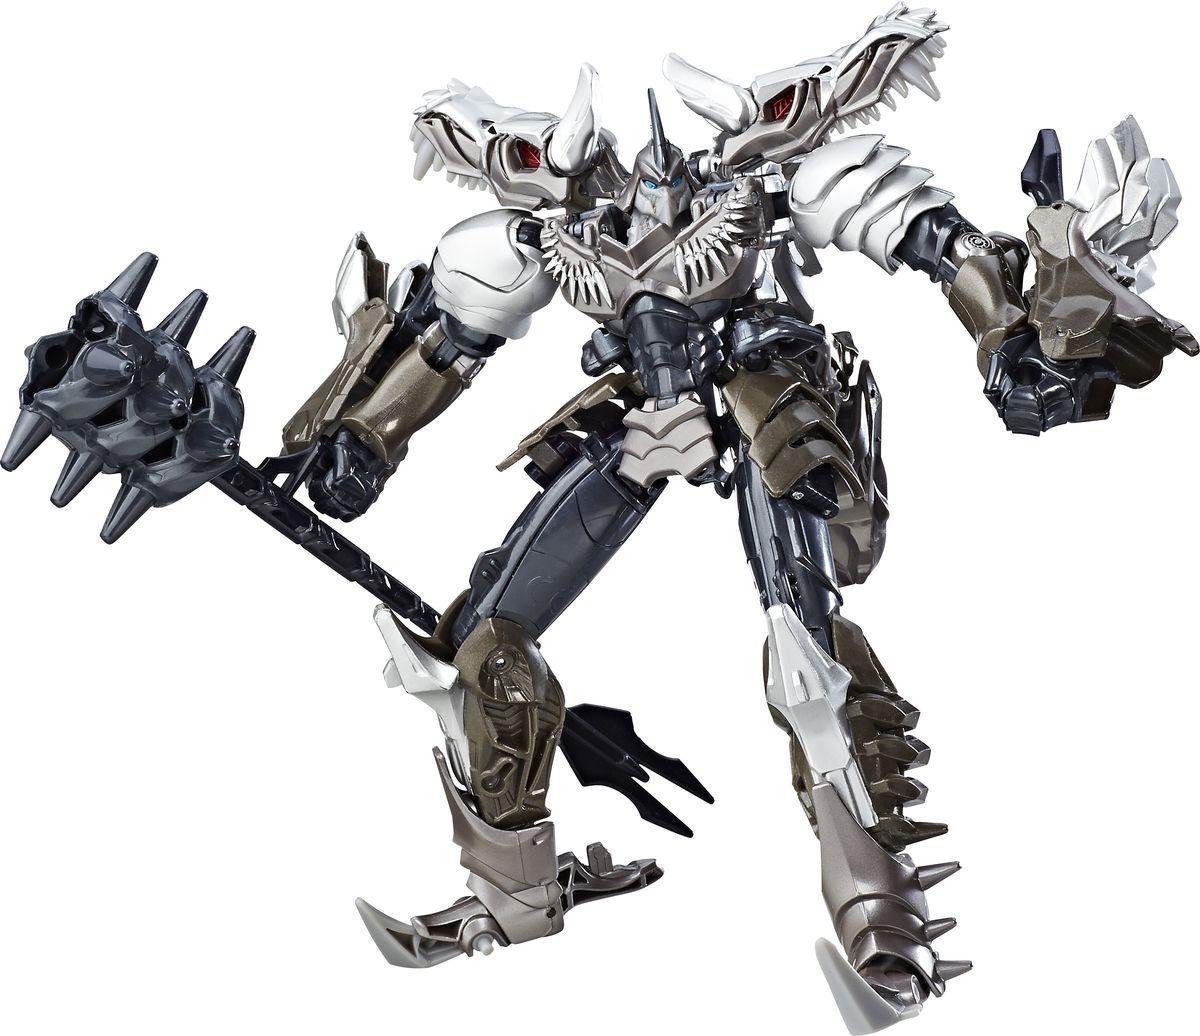 Transformers Трансформер Premier Edition Grimlock игровые наборы transformers электронная маска трансформеров